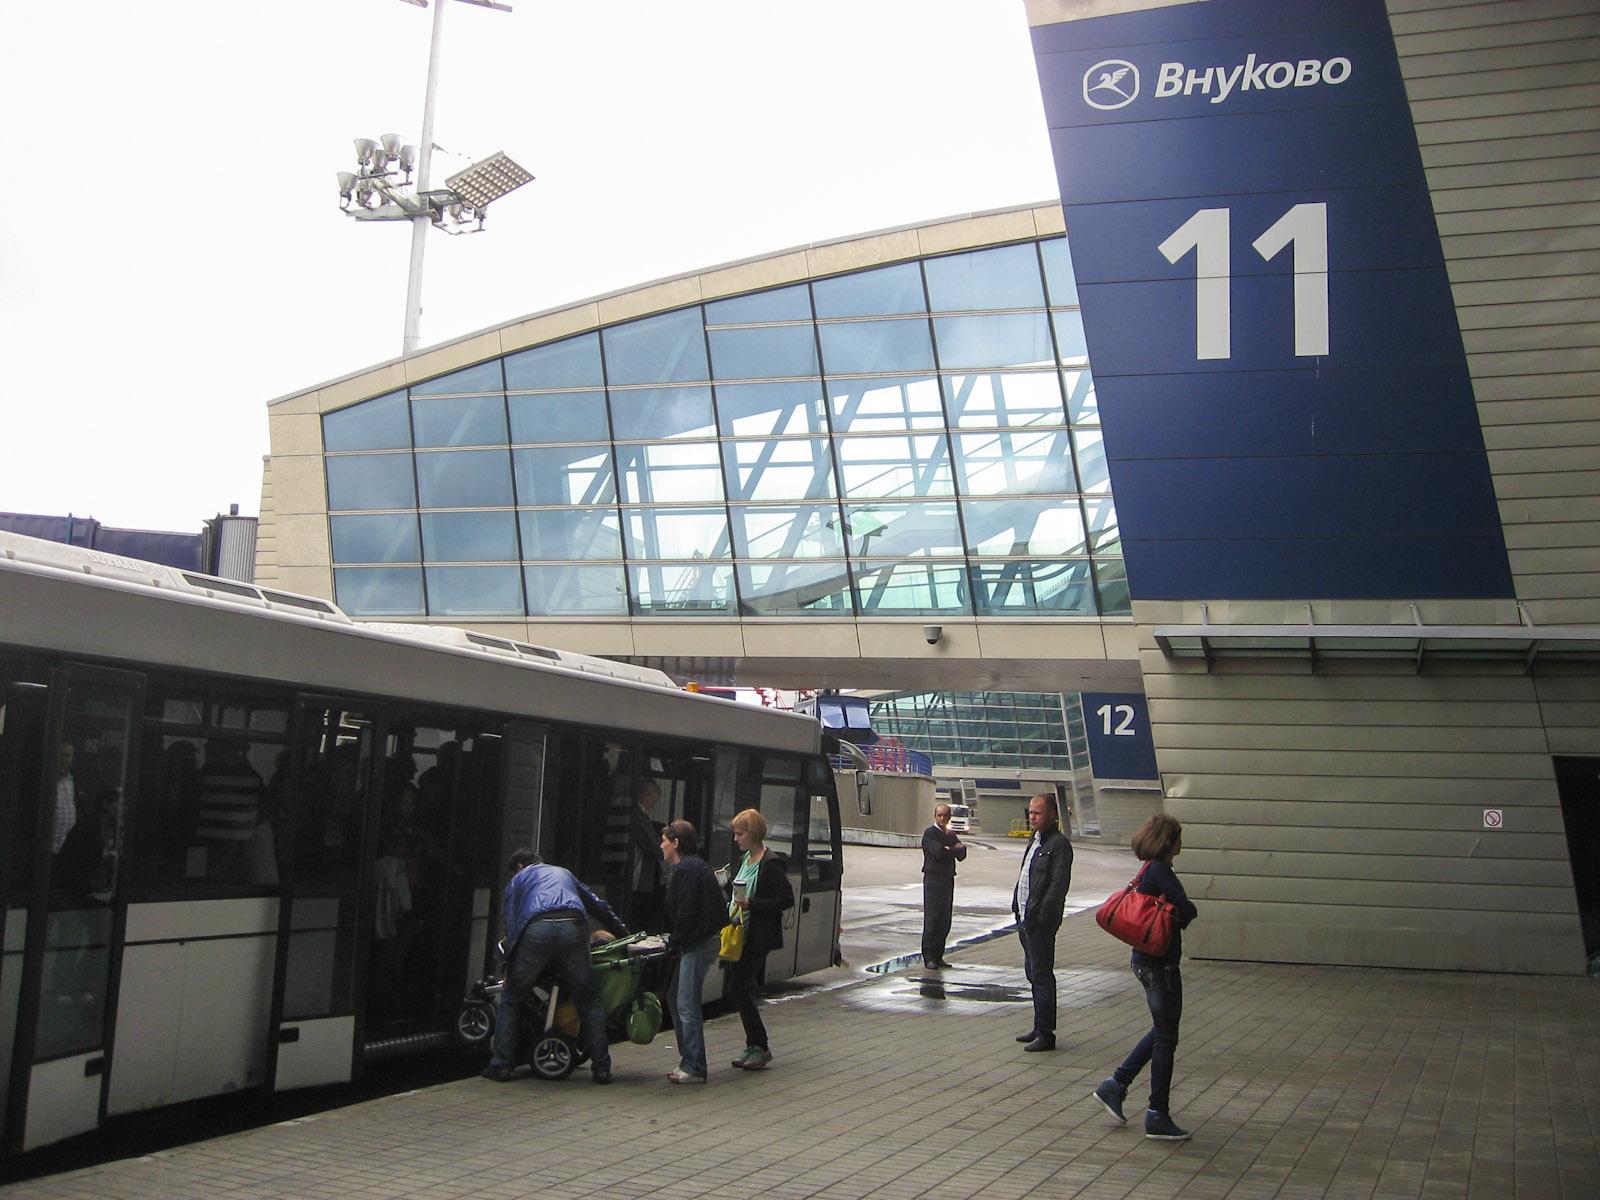 Посадка в автобус в аэропорту Внуково